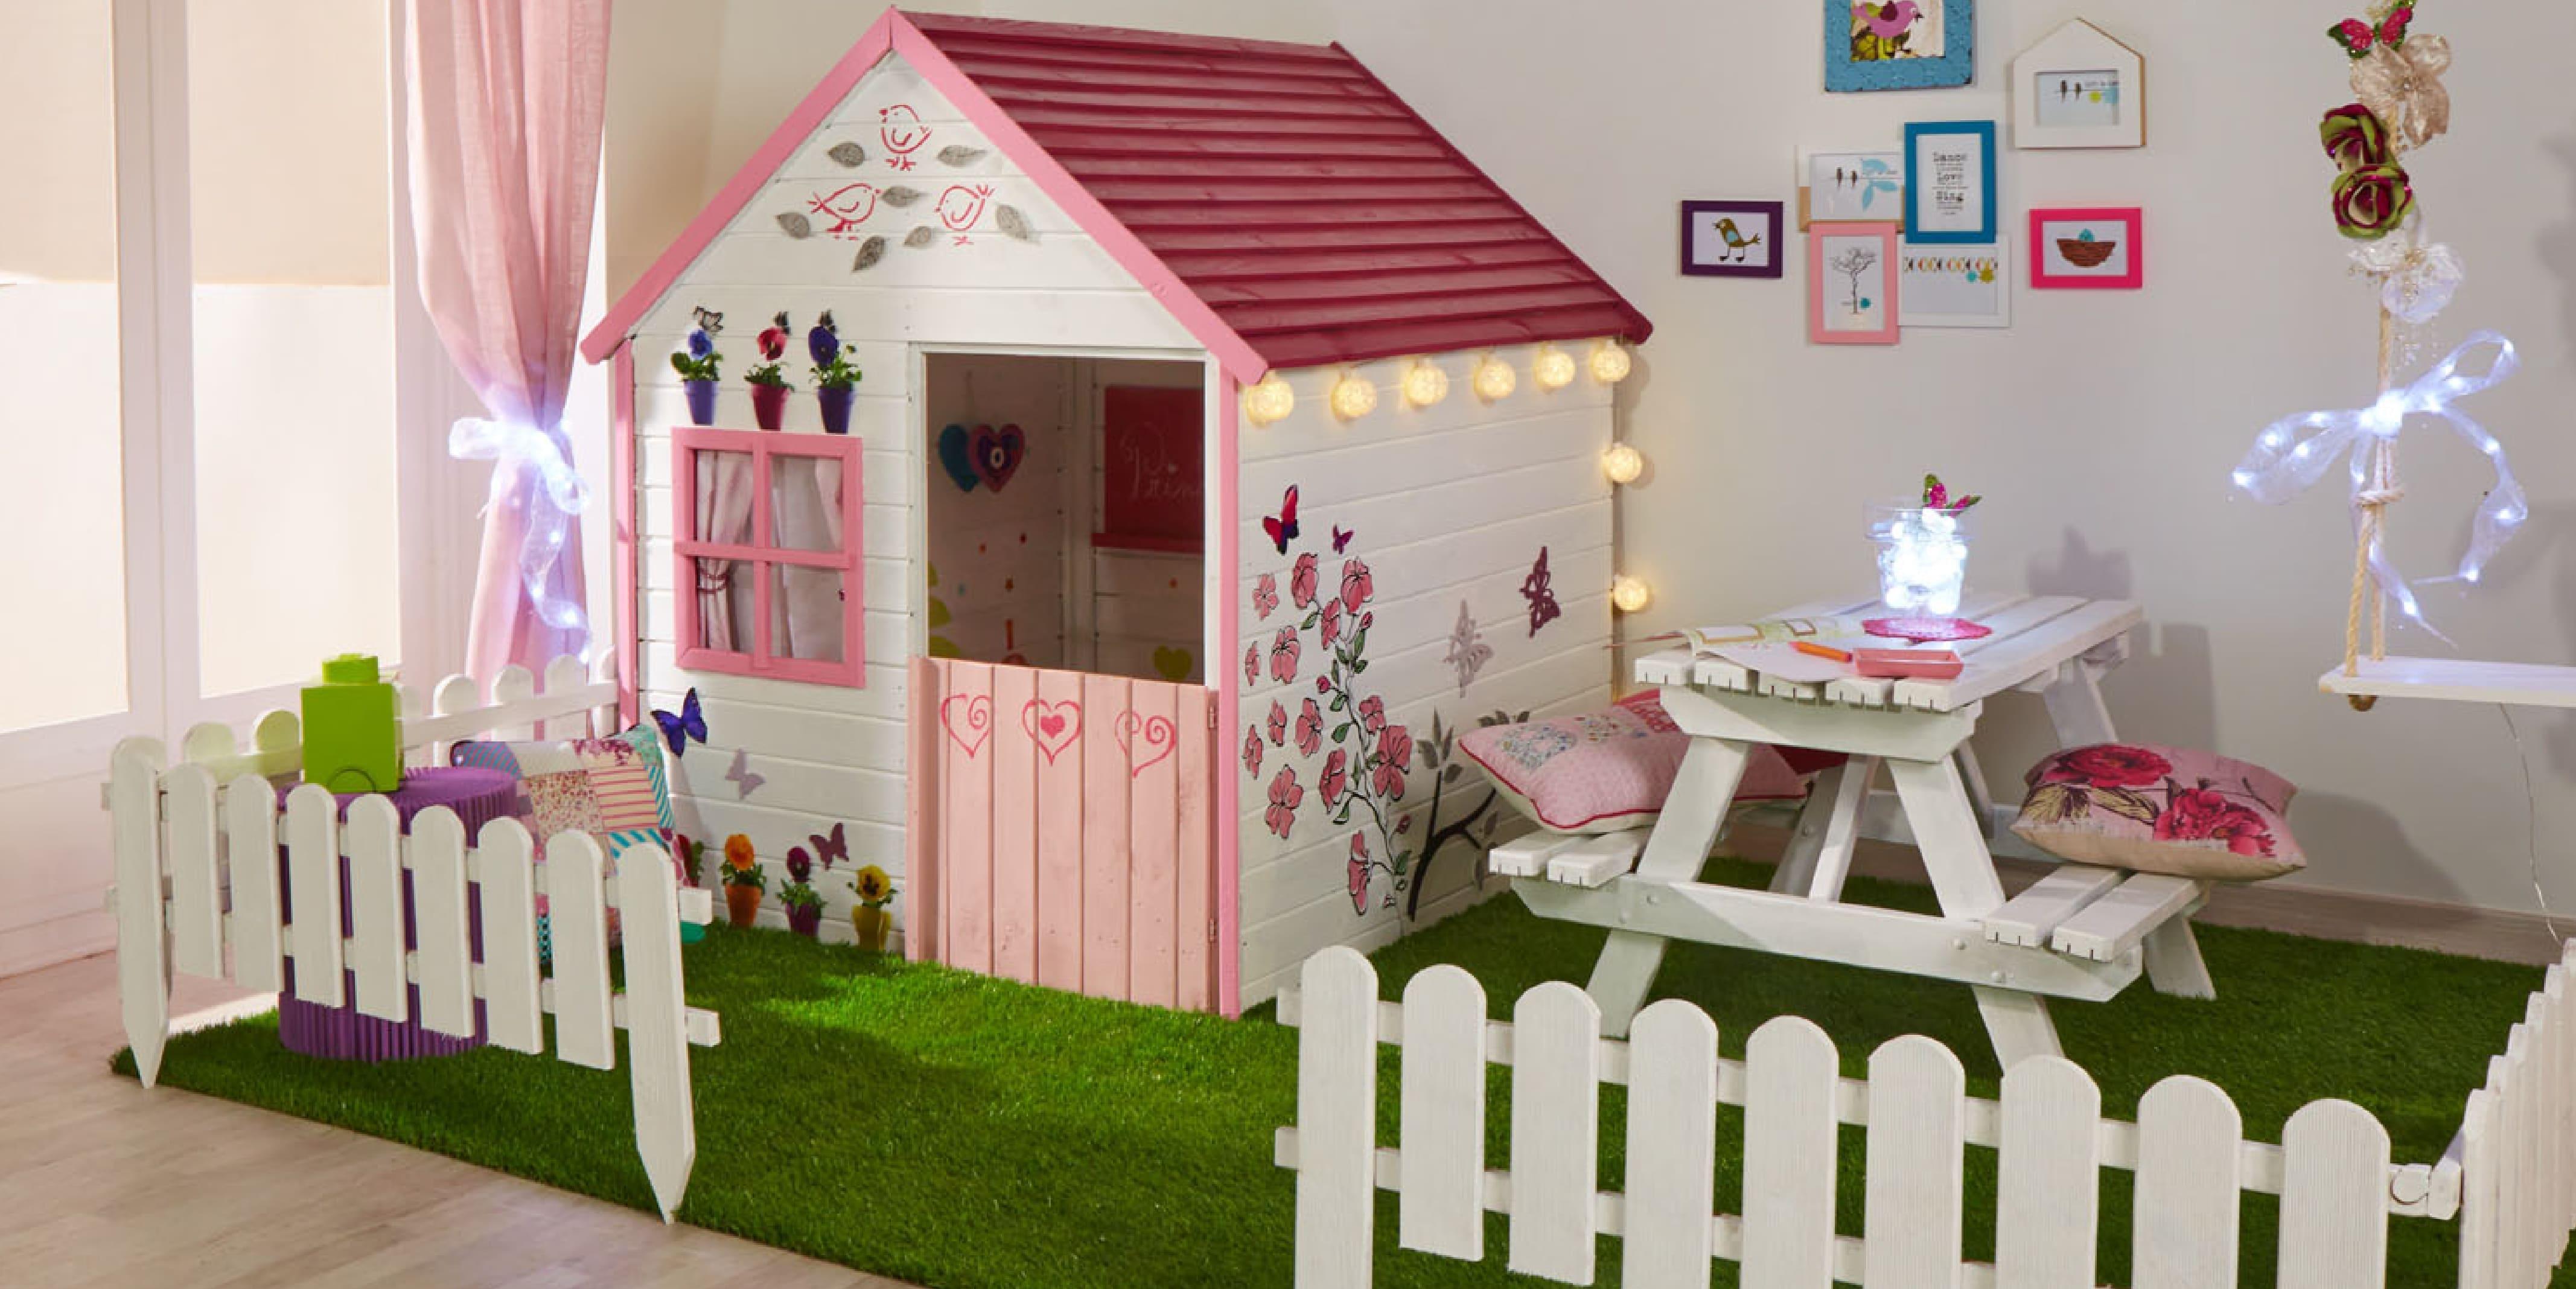 Renovación de espacios interiores en habitaciones infantiles